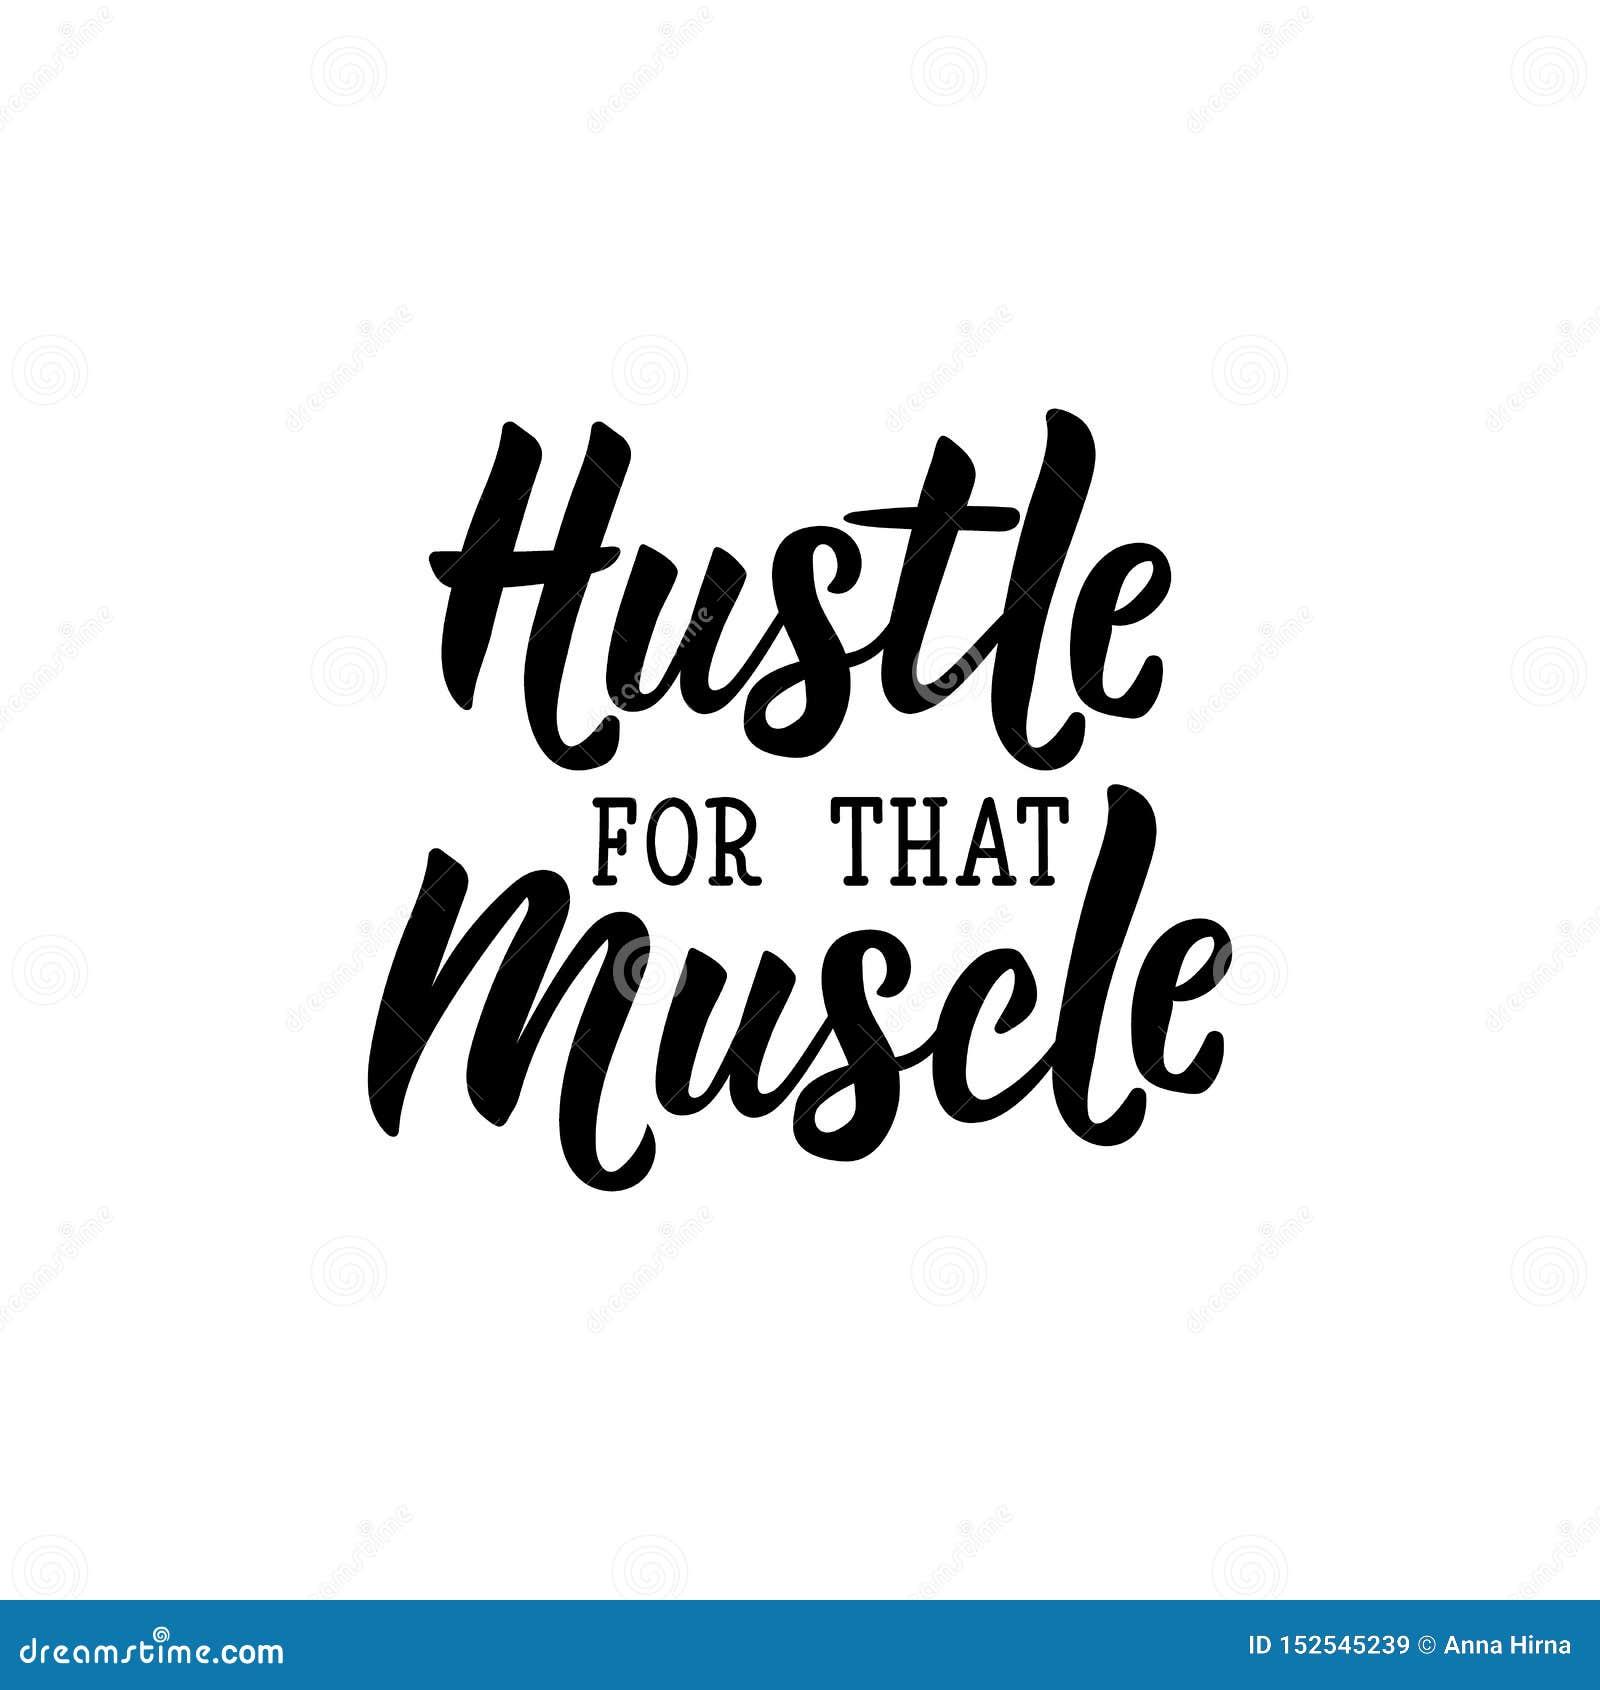 Hustle For That Muscle Vector Illustration Lettering Ink Illustration Sport Gym Fitness Label Stock Illustration Illustration Of Hustle Quote 152545239